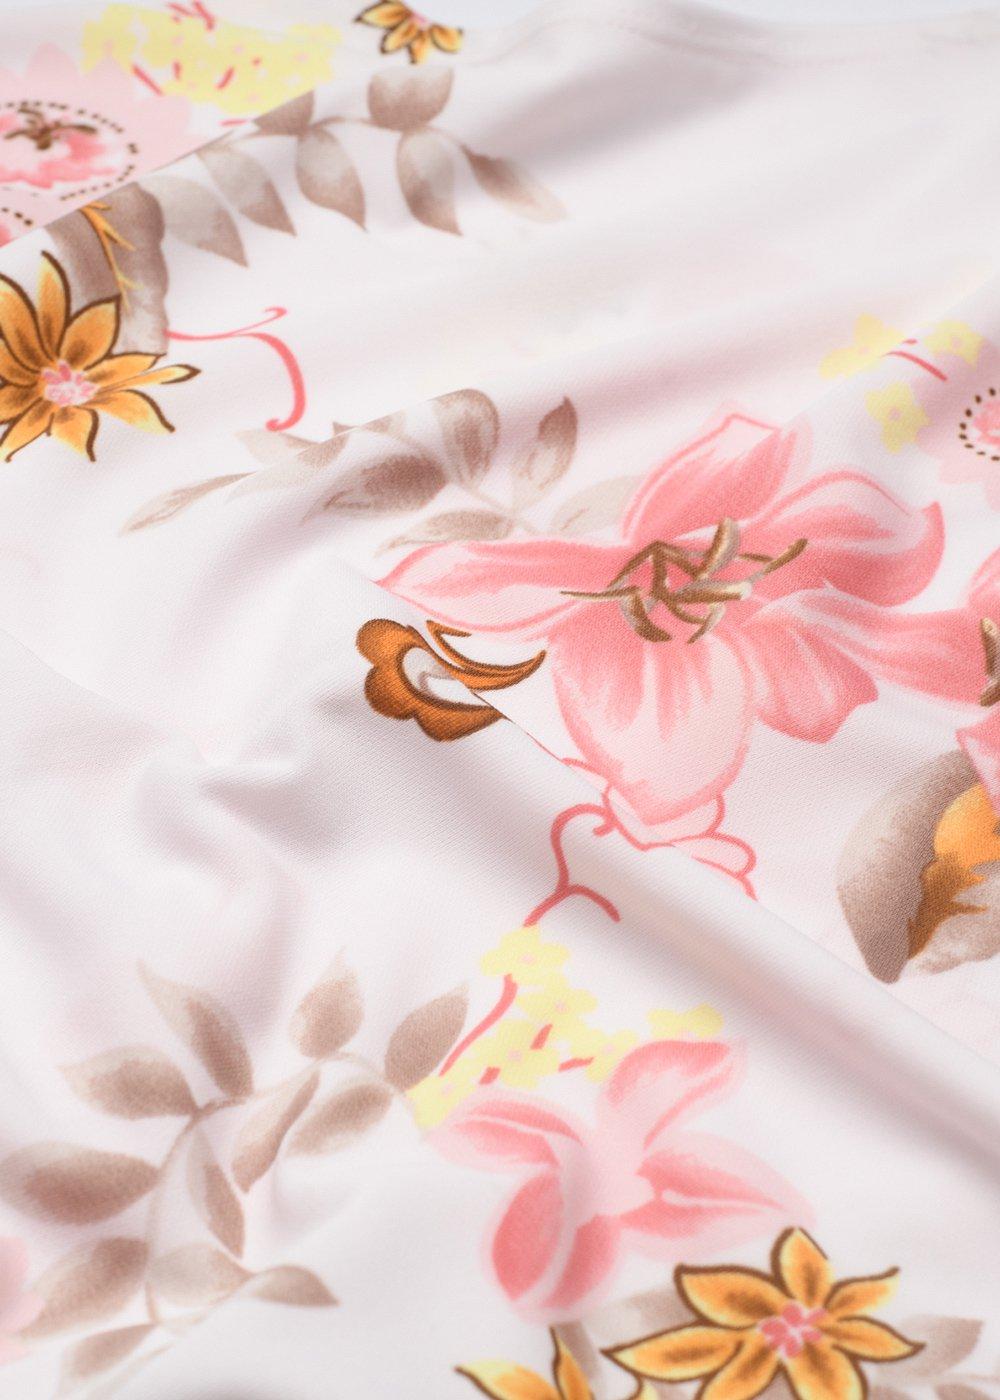 かりゆしウェア(沖縄版アロハシャツ) MAJUN - 香りの花